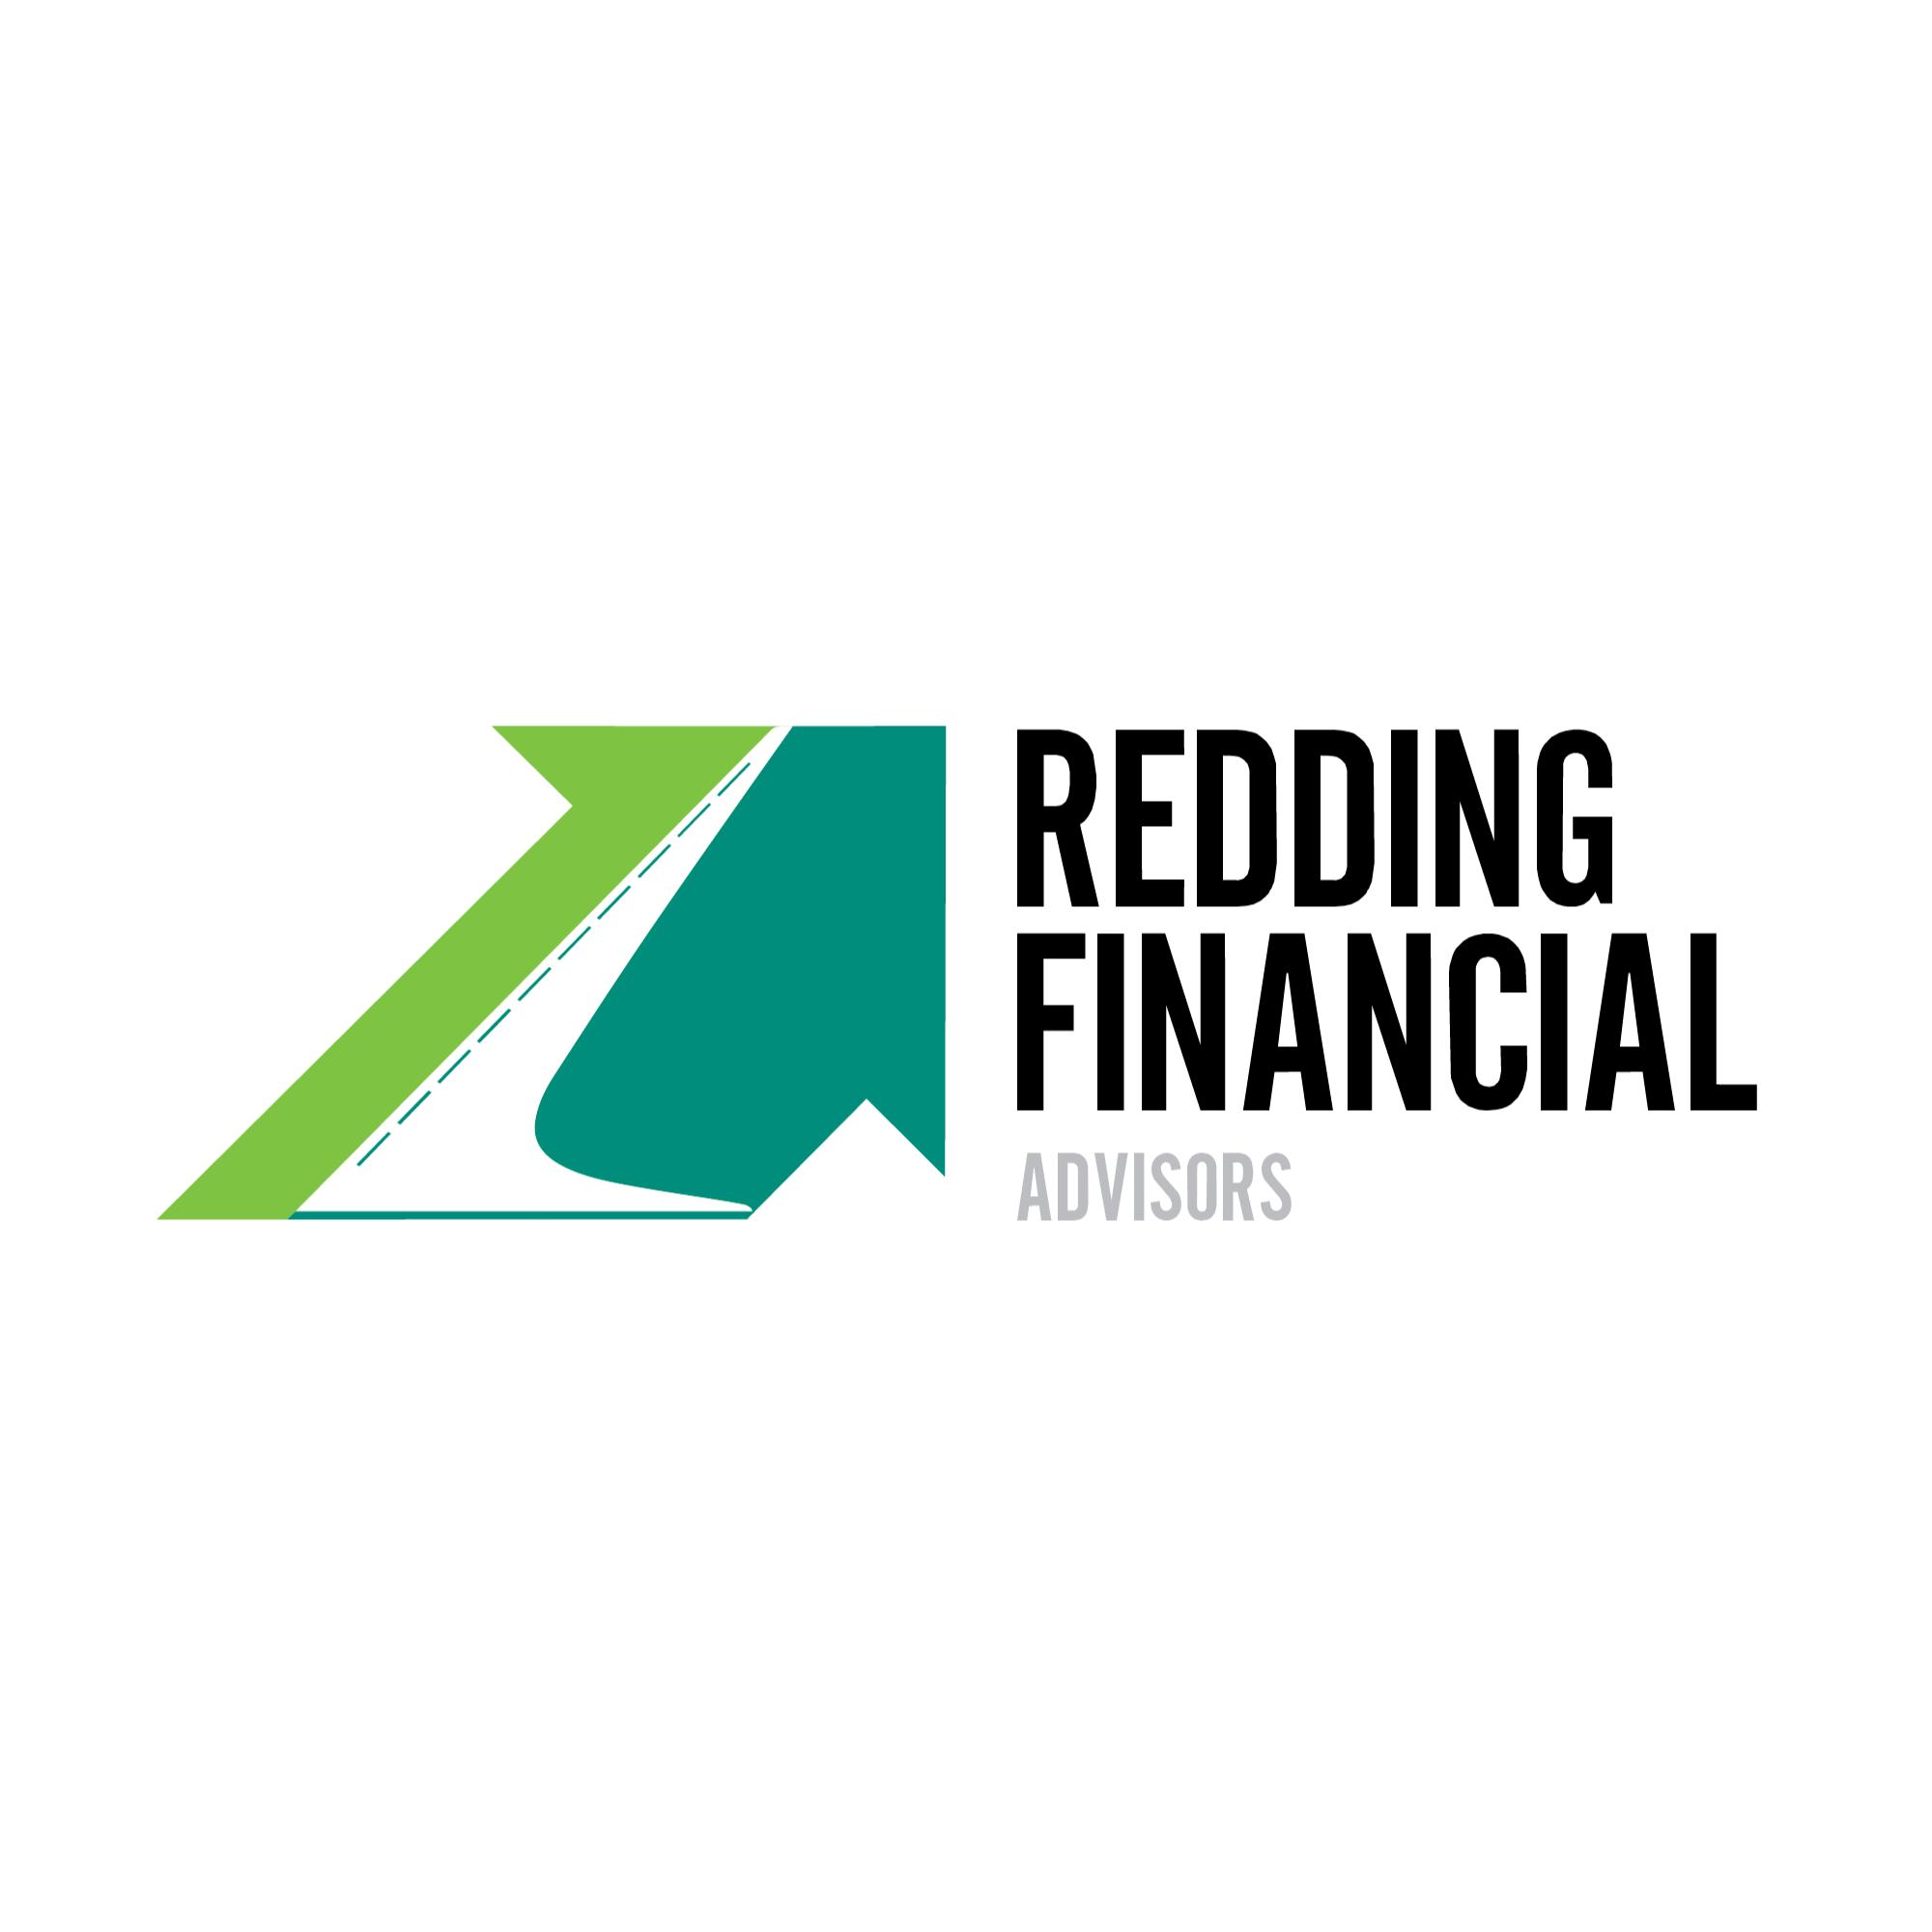 Redding Financial Advisors